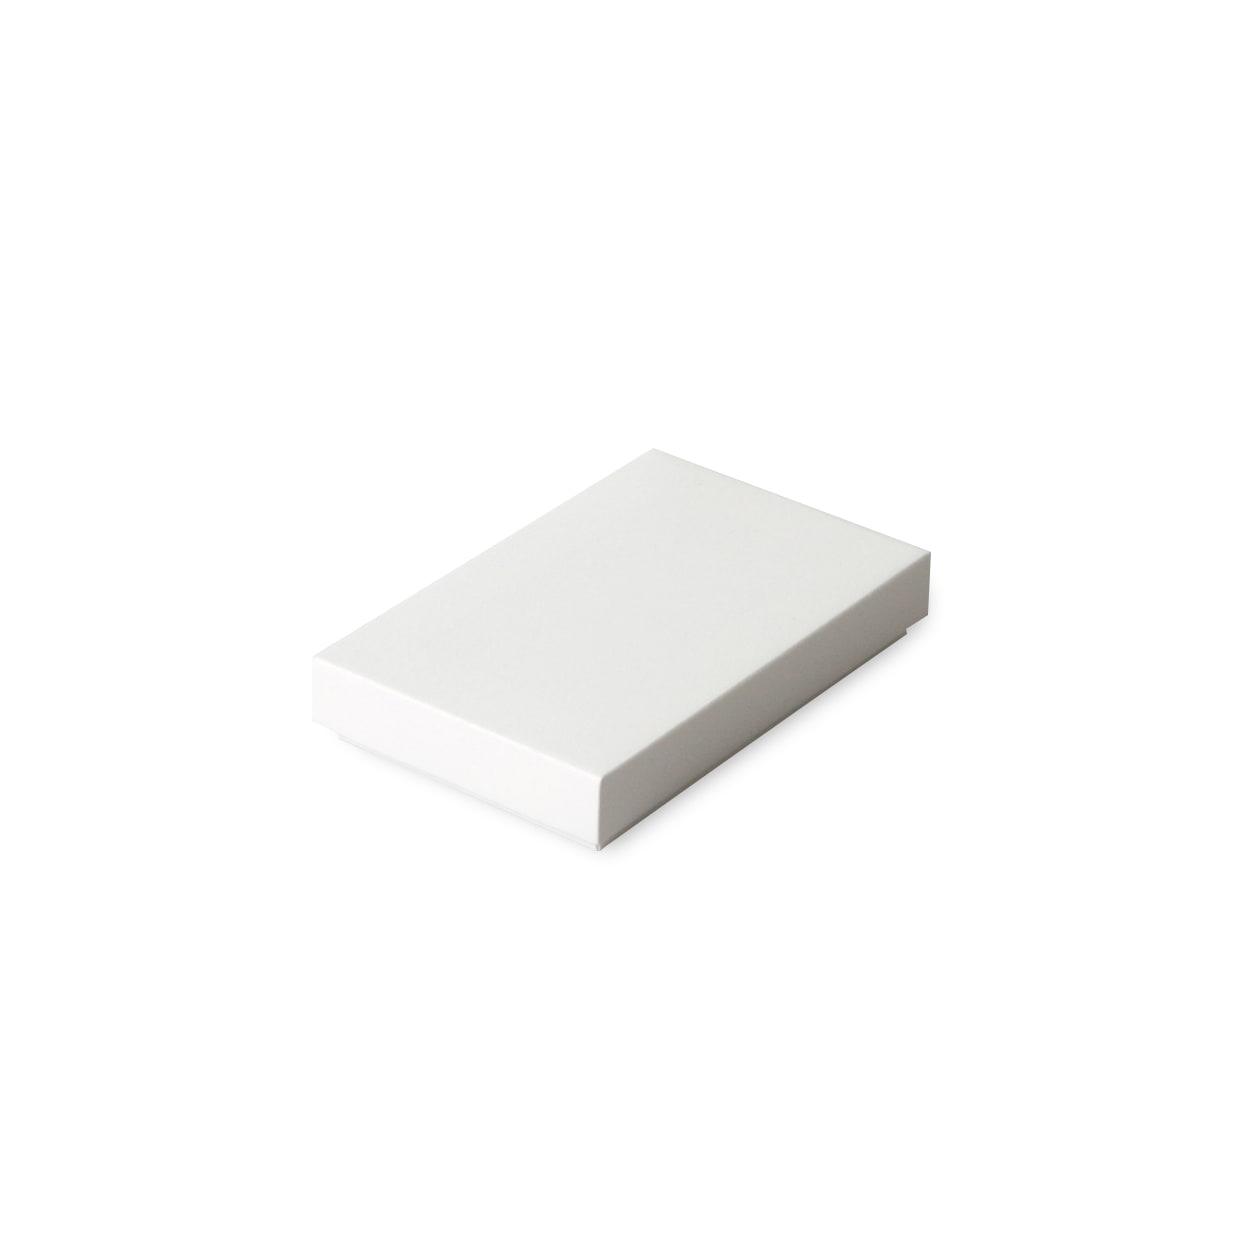 組箱 60×95×15 コットン スノーホワイト 232.8g